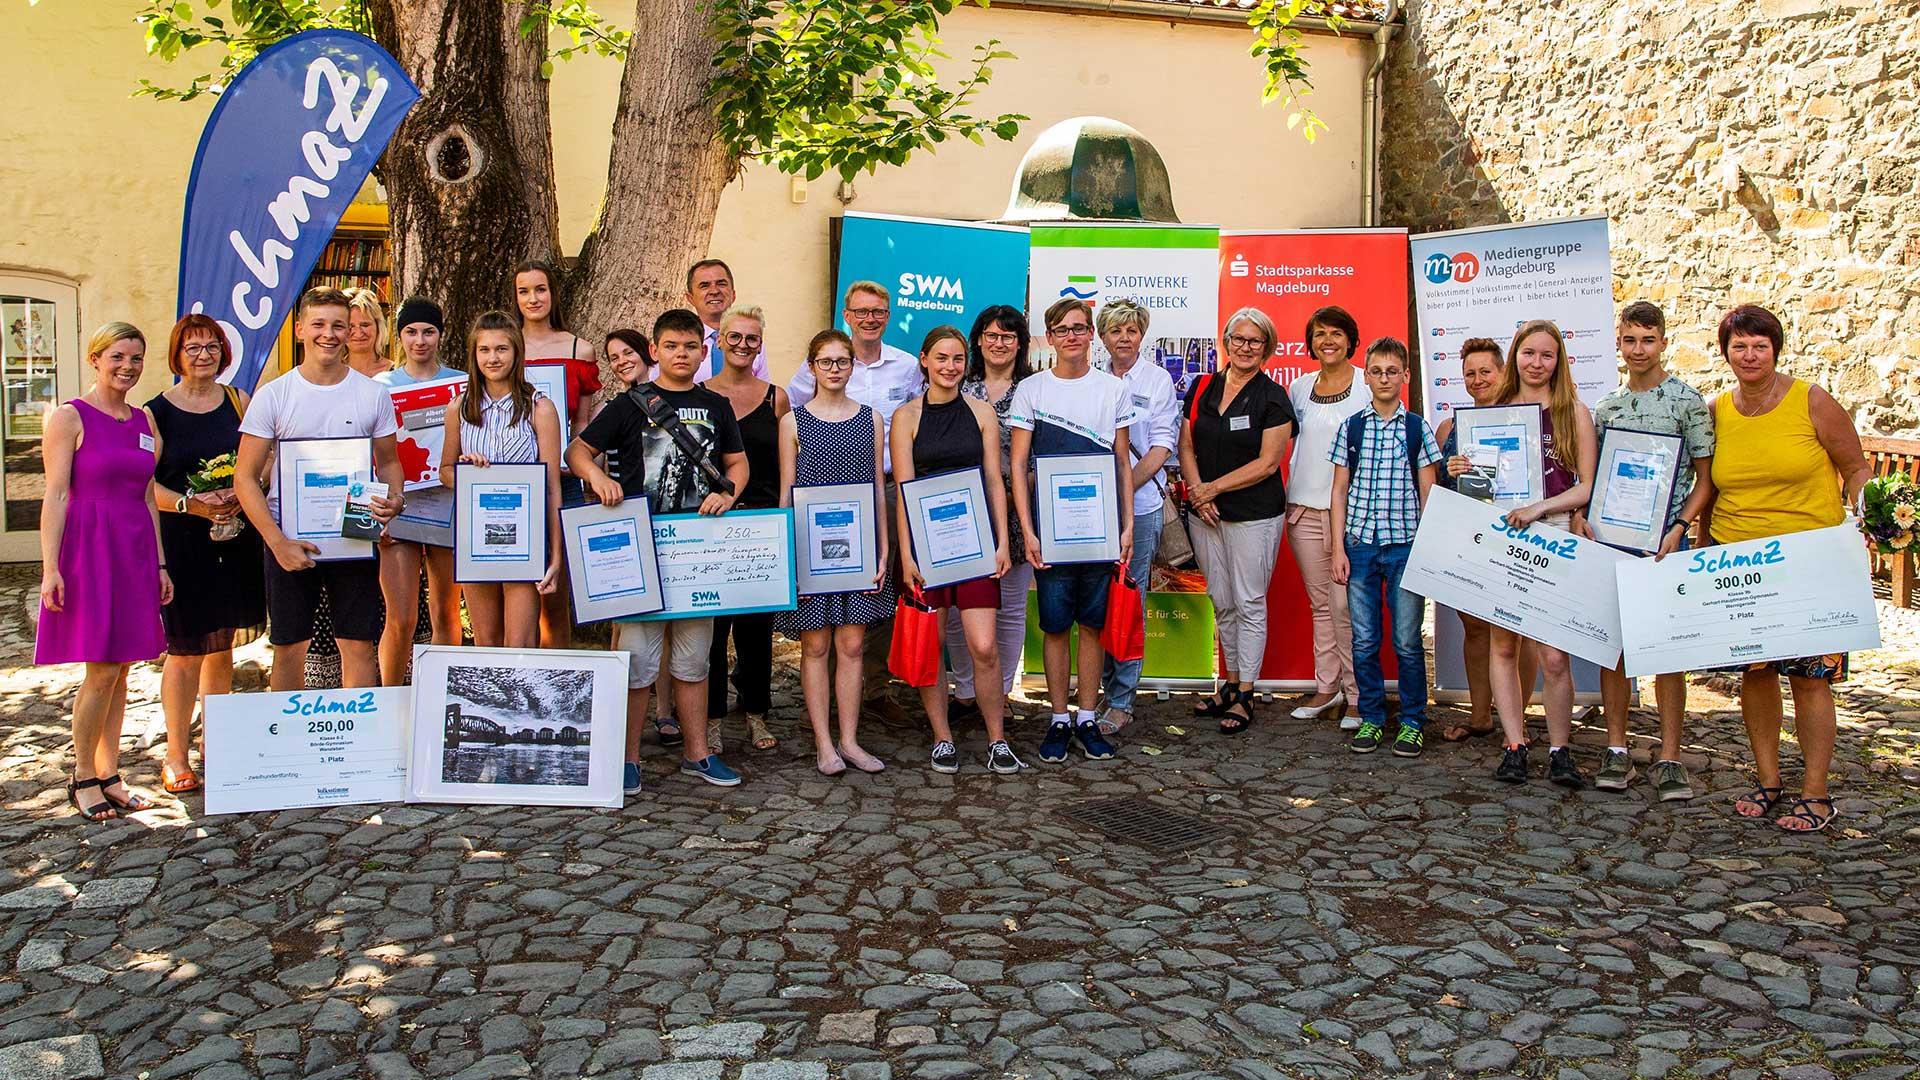 Die Preisträger und Projektpartner von SchmaZ mit Bildungsminister Marco Tullner (Mitte, links) und Volksstimme-Chefredakteur Alois Kösters (Mitte, rechts). Fotos E. Popova